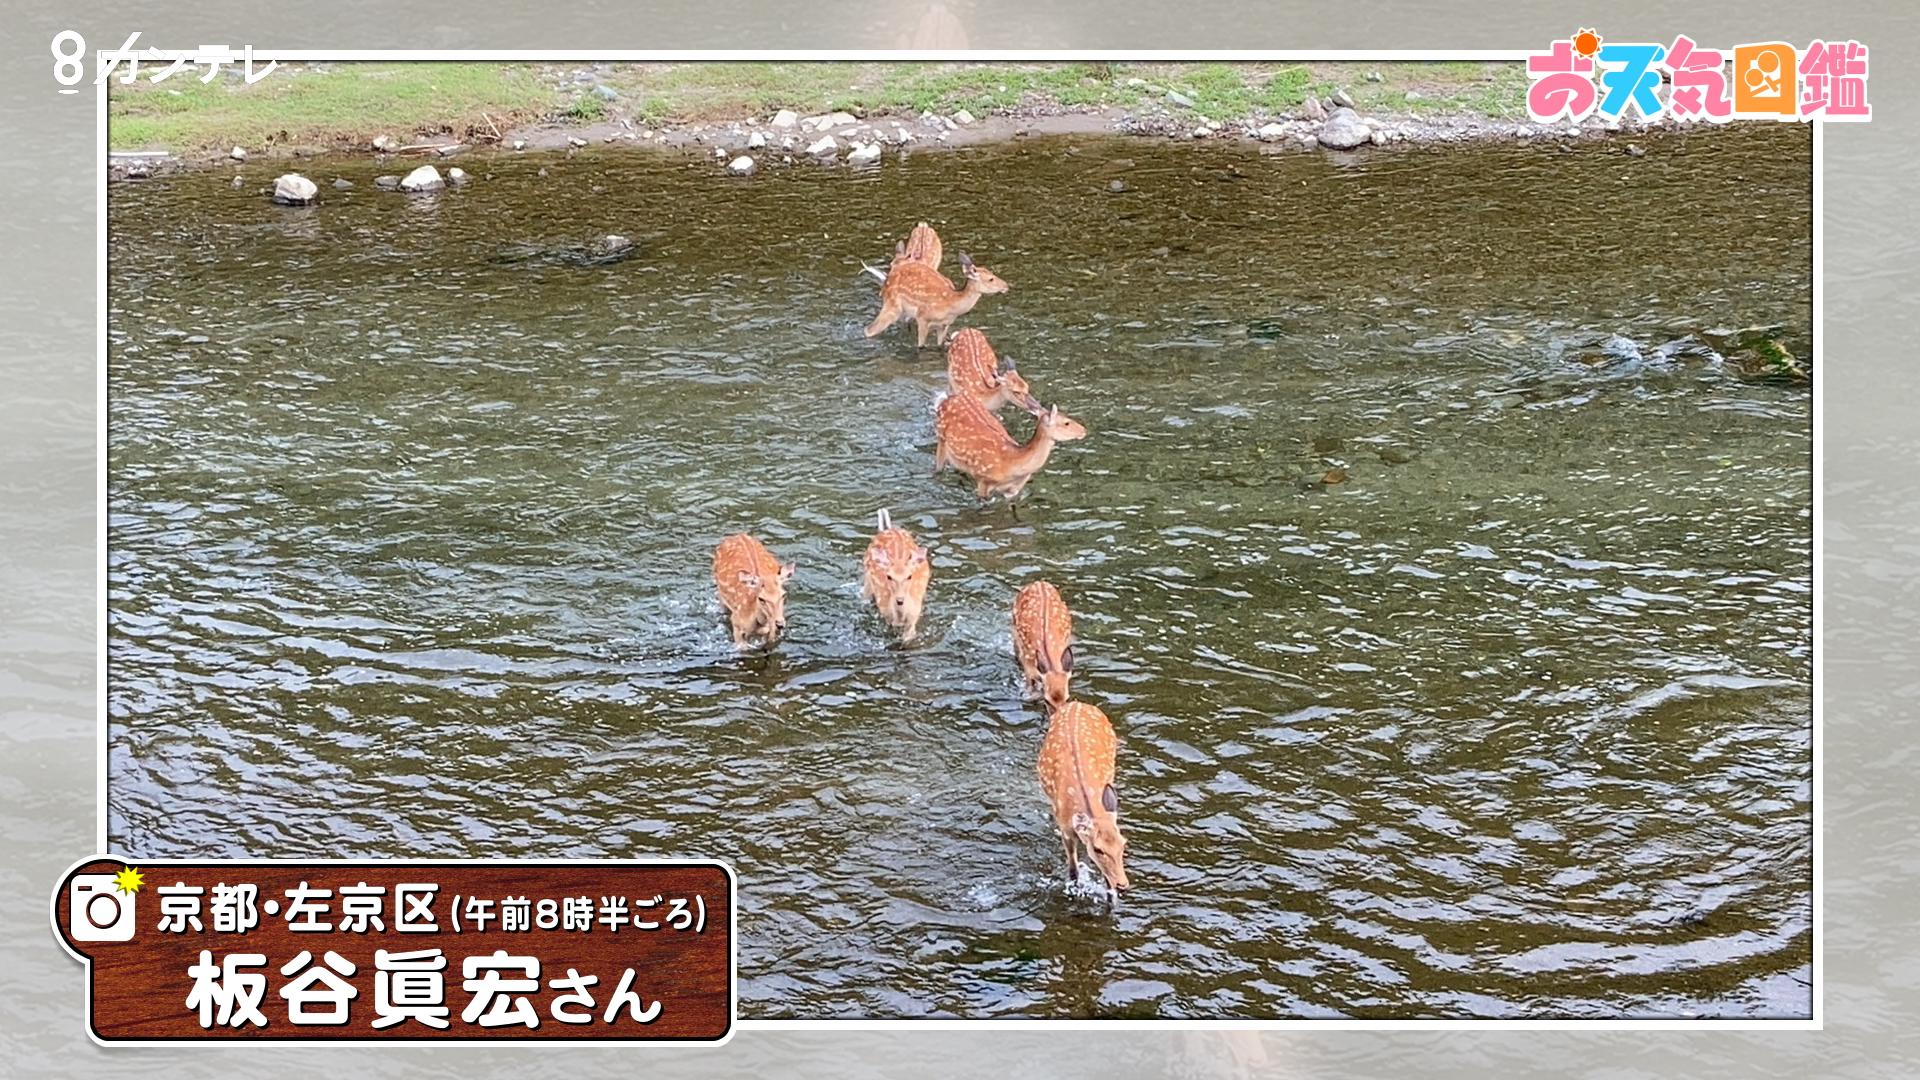 「シカも暑さ限界?」(京都市)